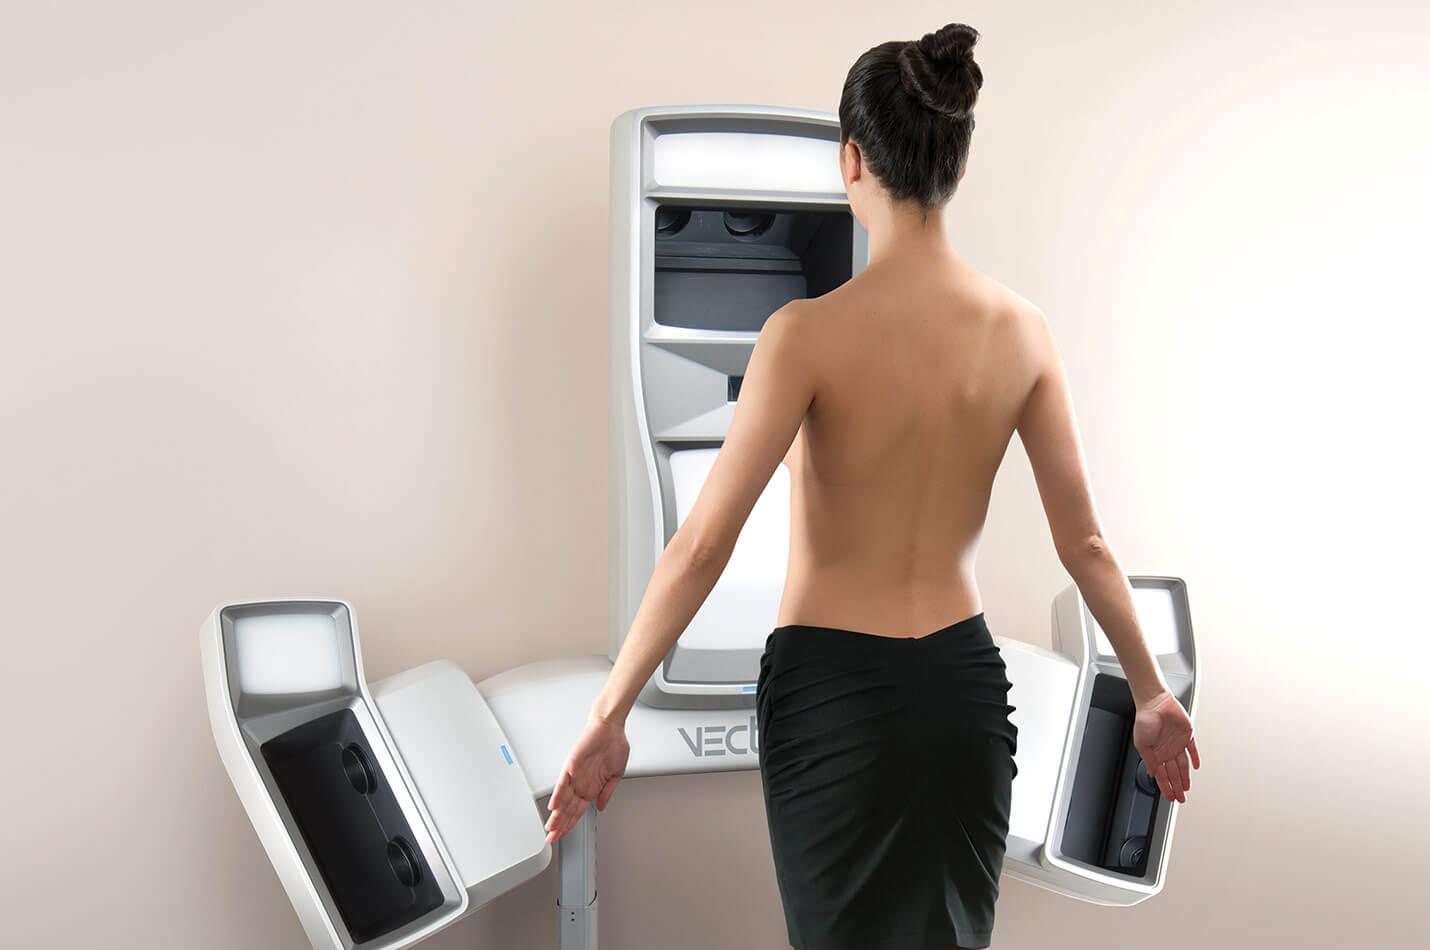 3d-simulering av bröst med Vectra XT 3D kamera